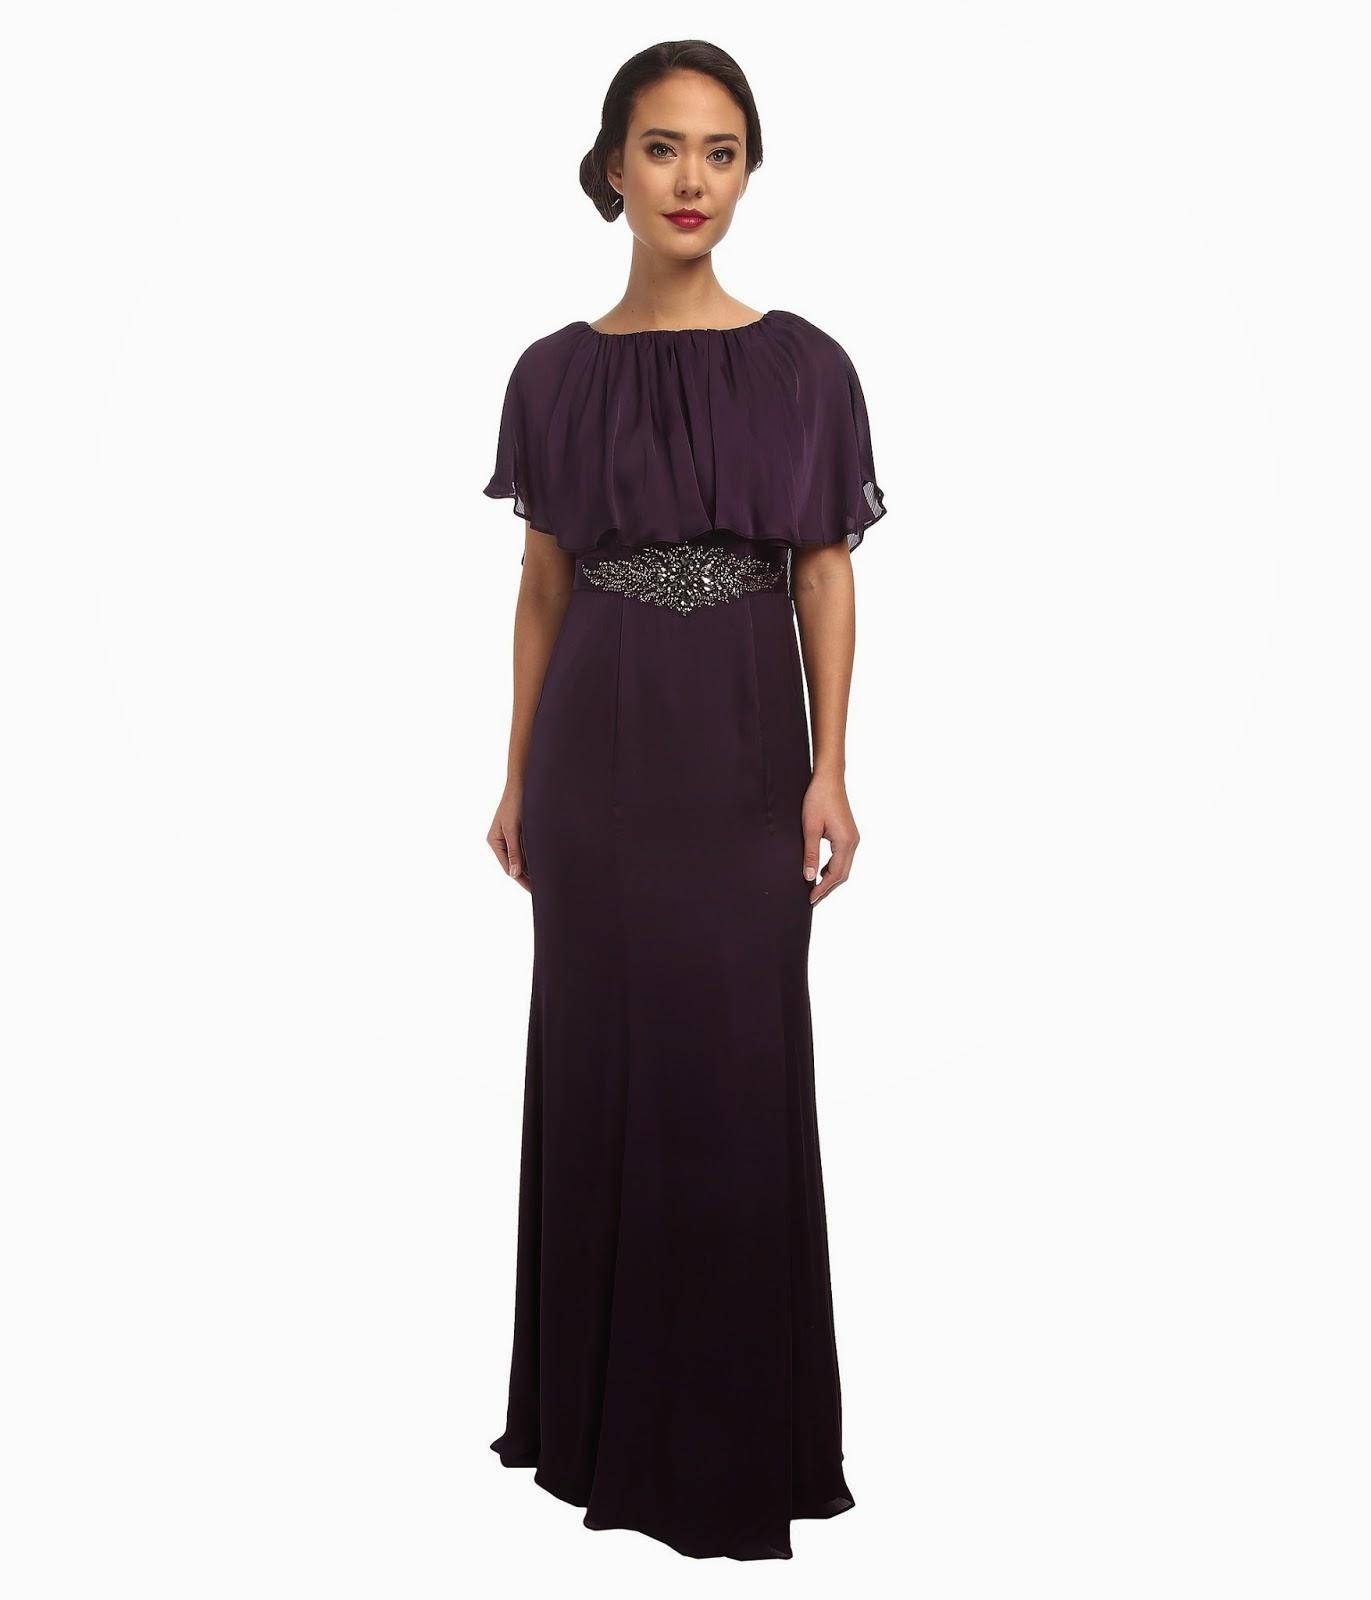 abs allen schwartz strapless dress eBay